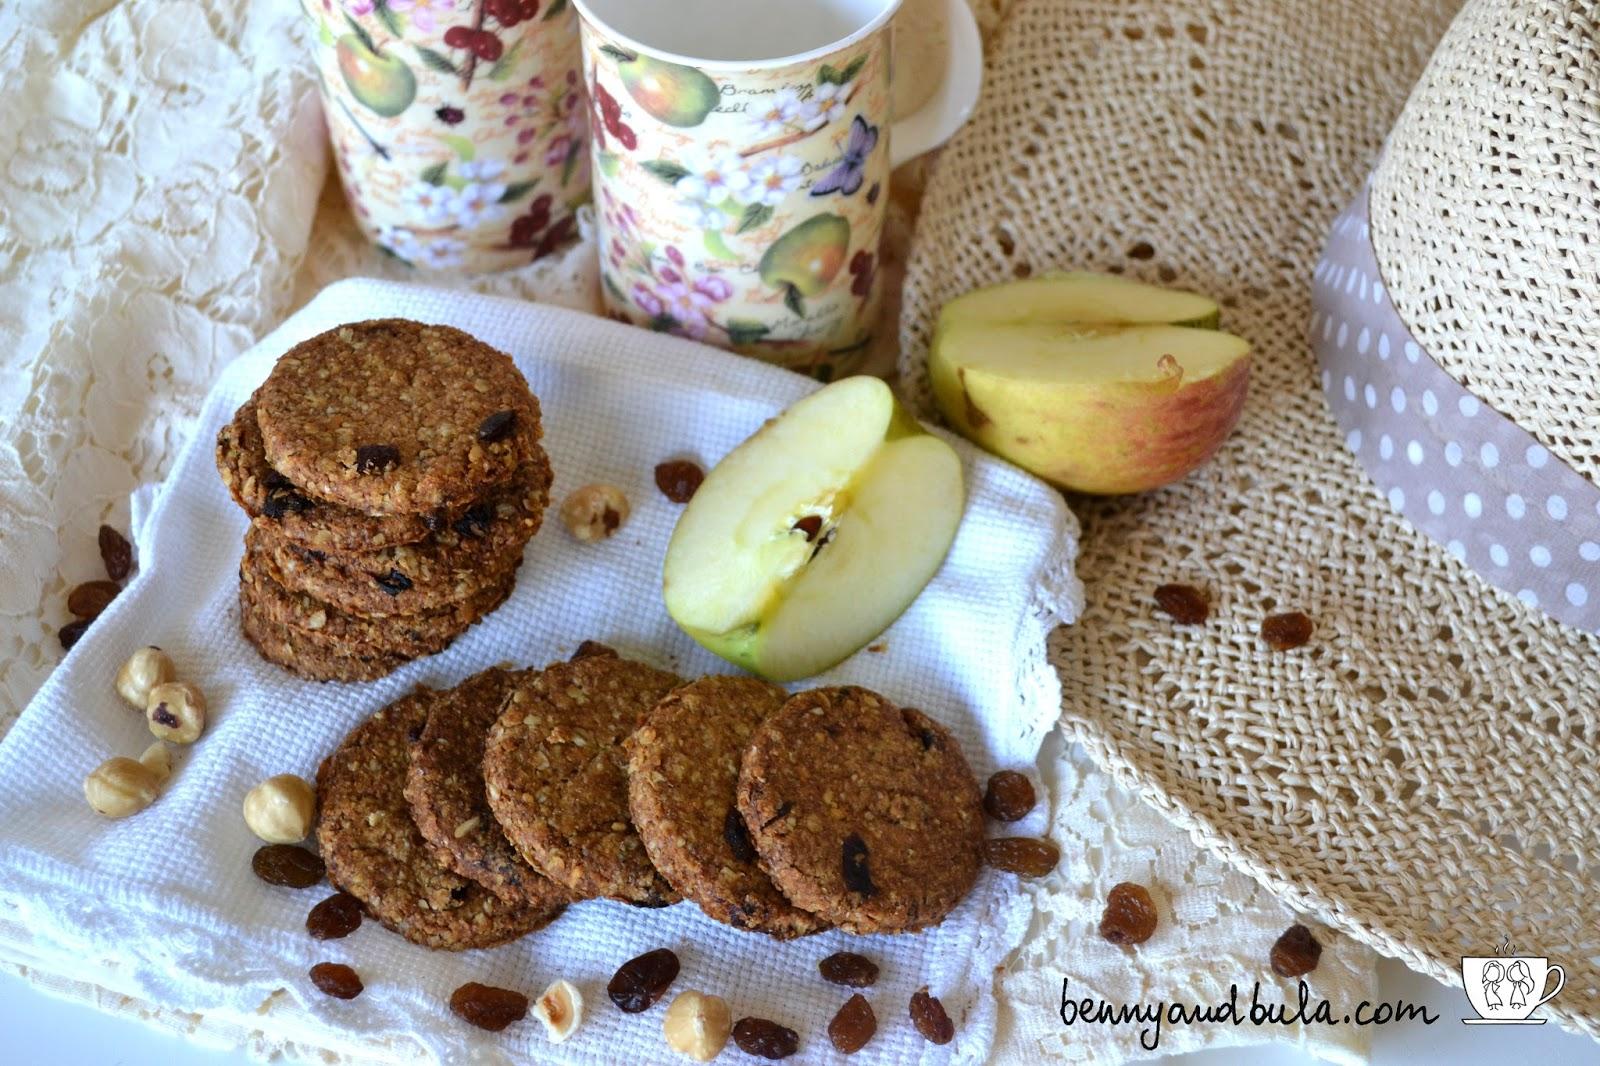 biscotti grancereale con avena classico cioccolato frutta e croccante / oat cookies